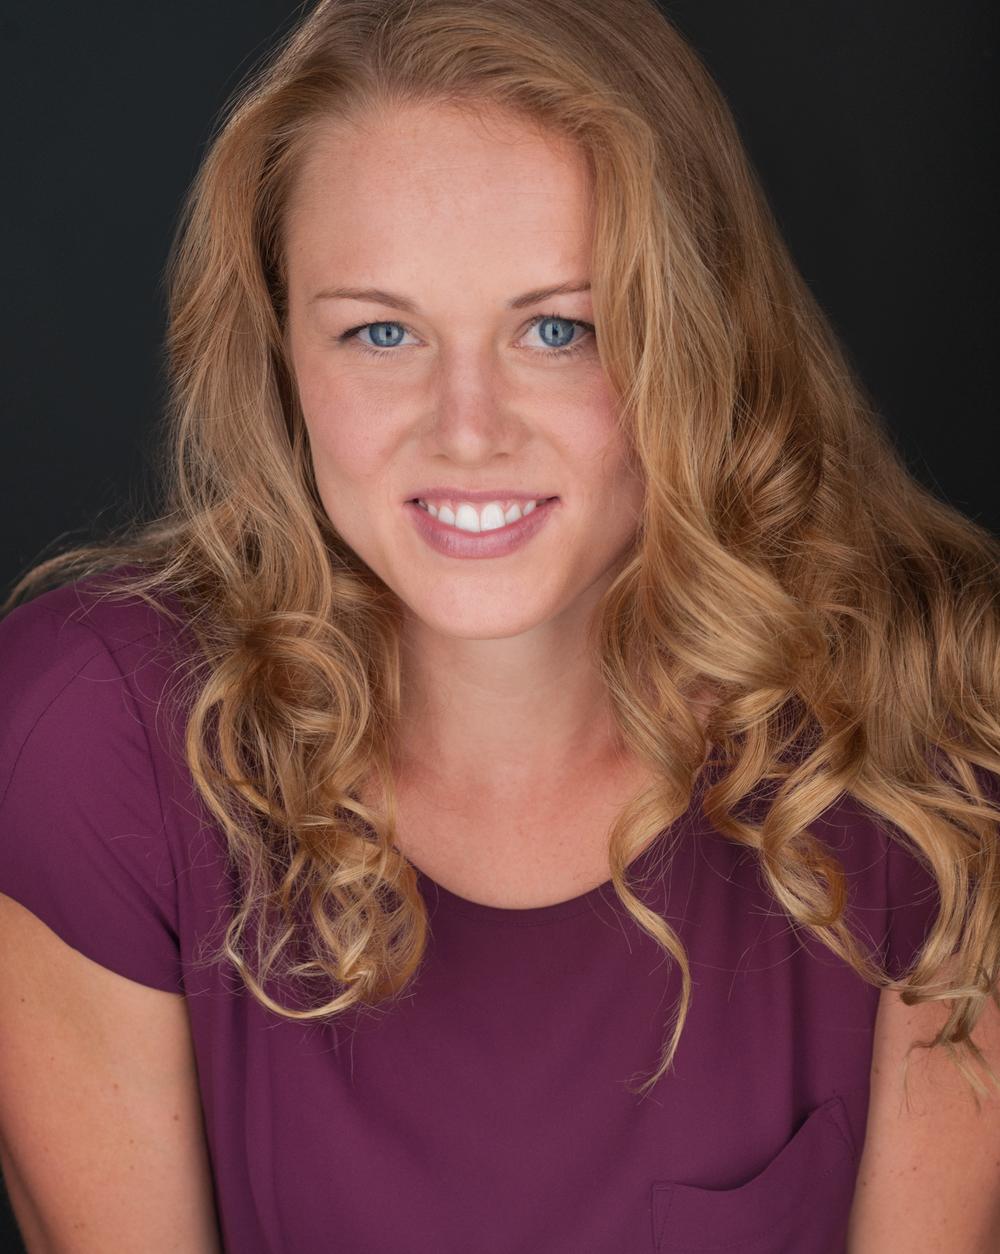 Gabrielle Greer